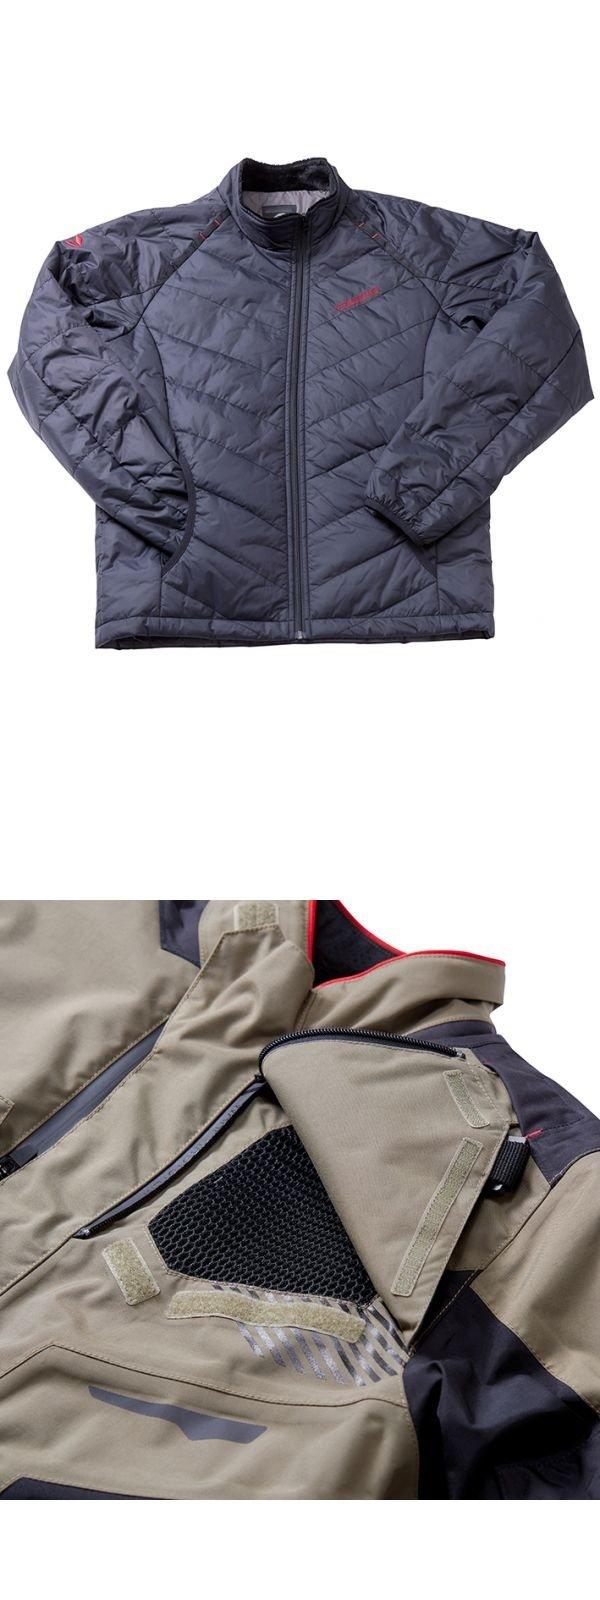 RS TAICHIアールエスタイチ 贈呈 オールシーズンジャケット RSJ721 DRYMASTER サイズ:M エクスプローラー TAICHI ドライマスター デポー アールエスタイチ